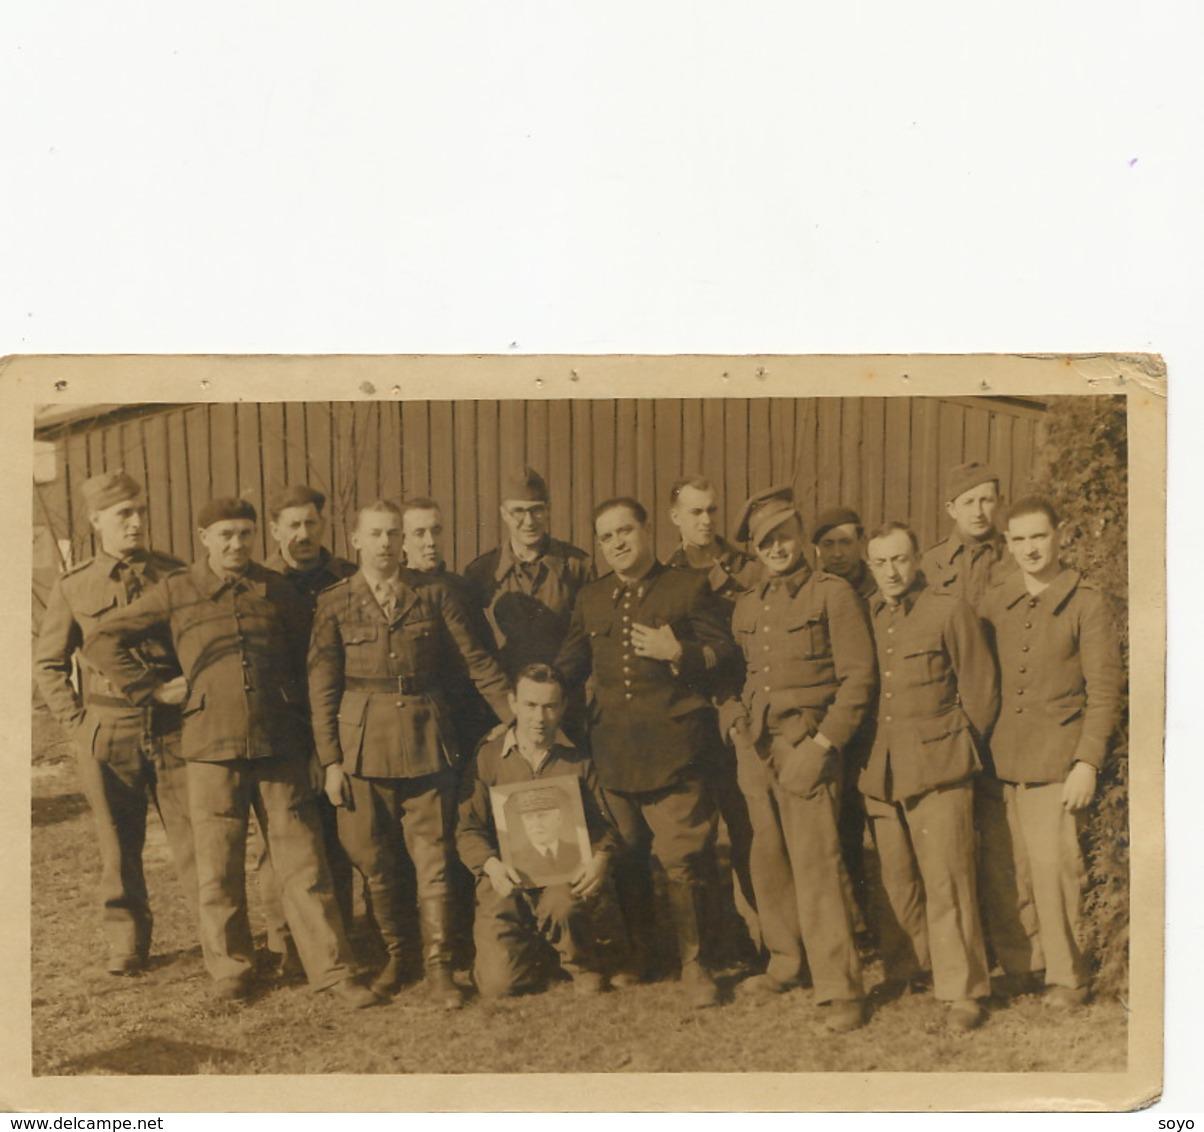 Carte Photo Marechal Pétain Célébré Par Prisoniers  Guerre Au Stalag XB 68 Camp De Concentration Sandbosel Bremervorde - Hommes Politiques & Militaires